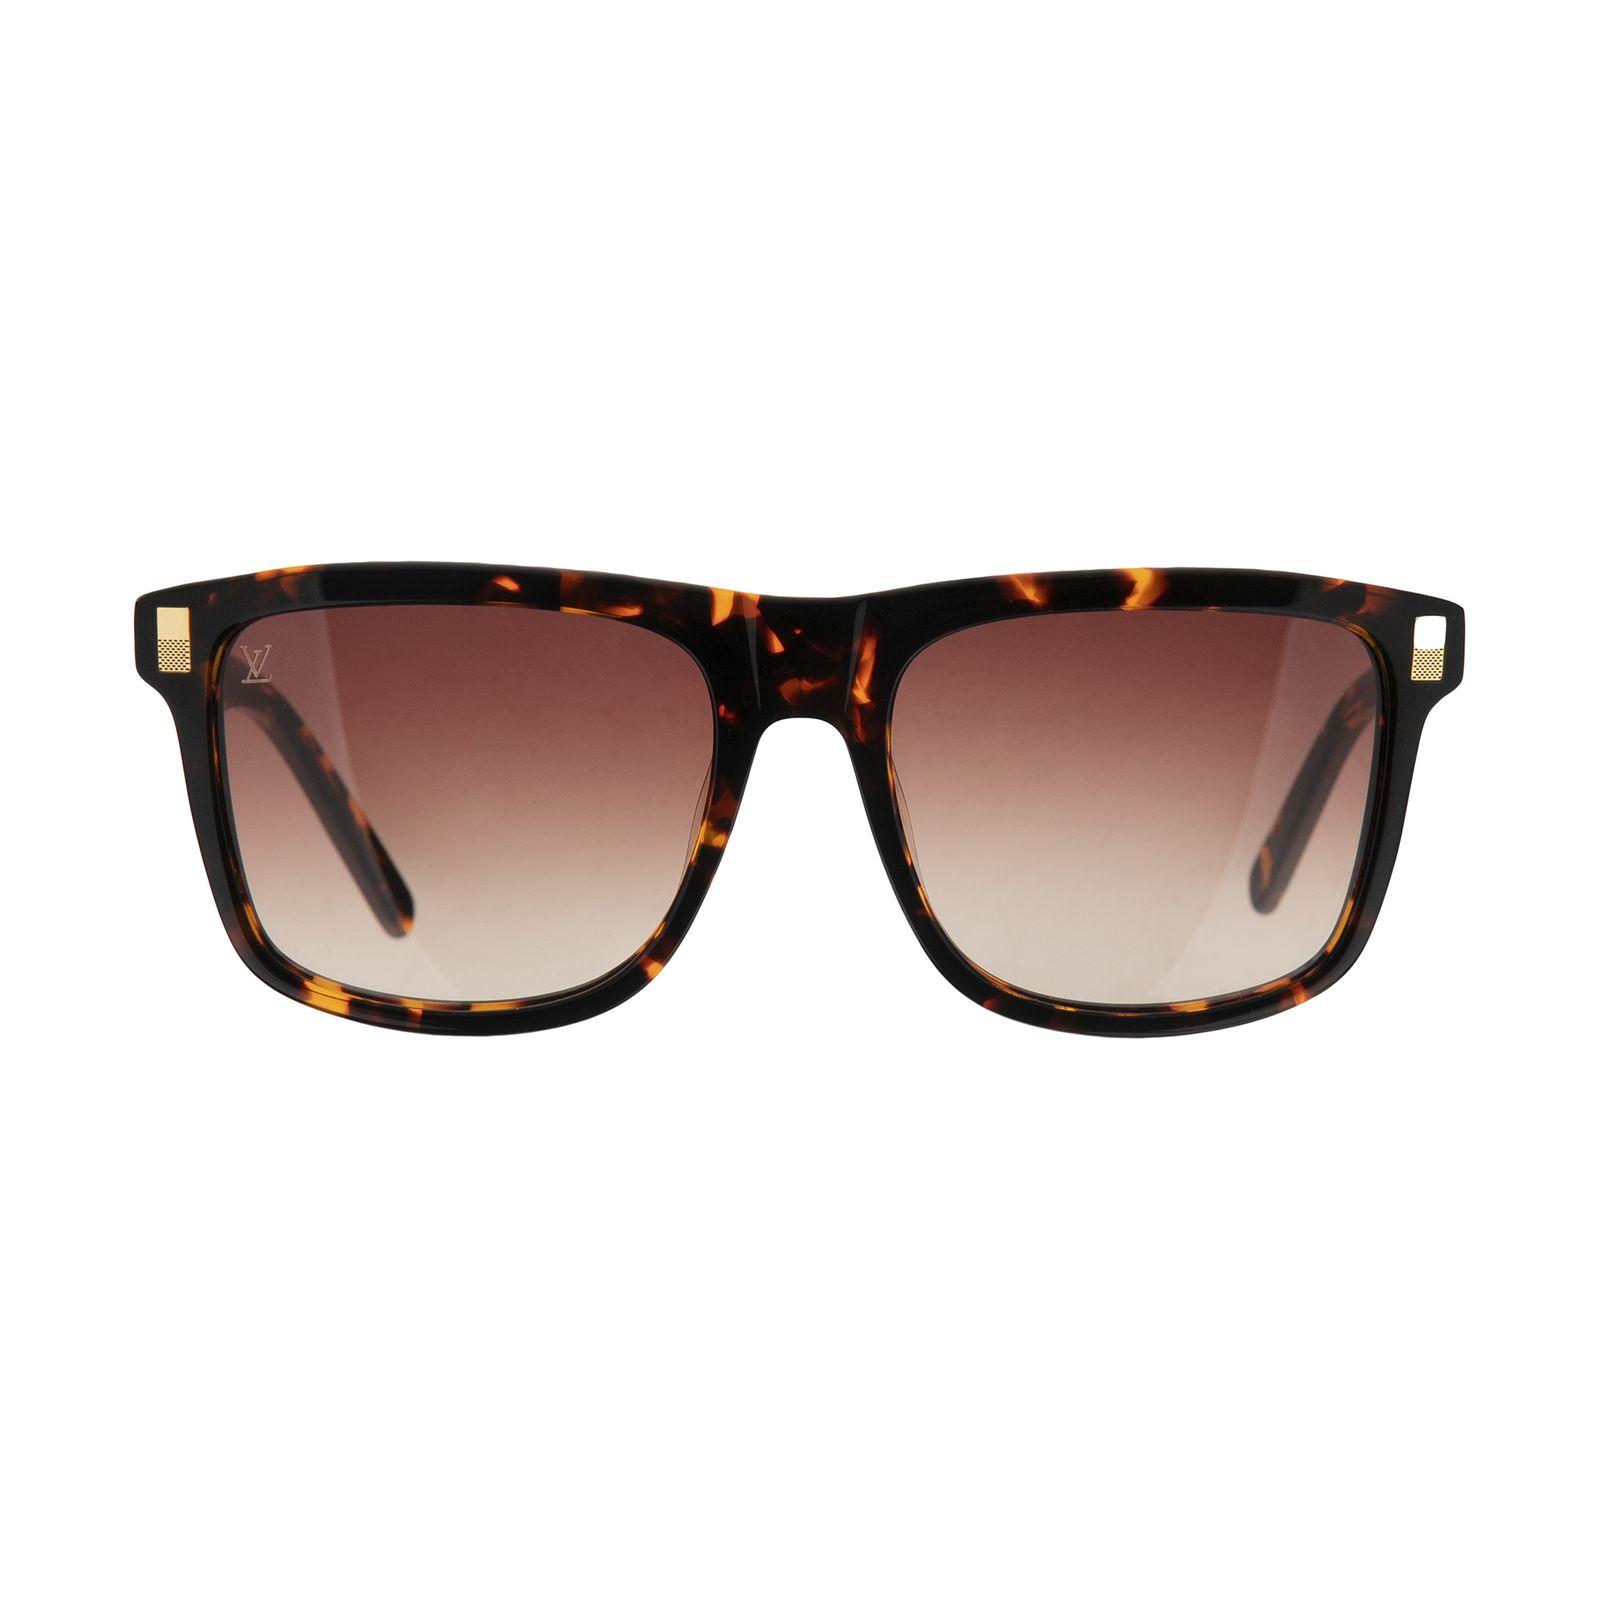 عینک آفتابی  مدل 2972 -  - 2